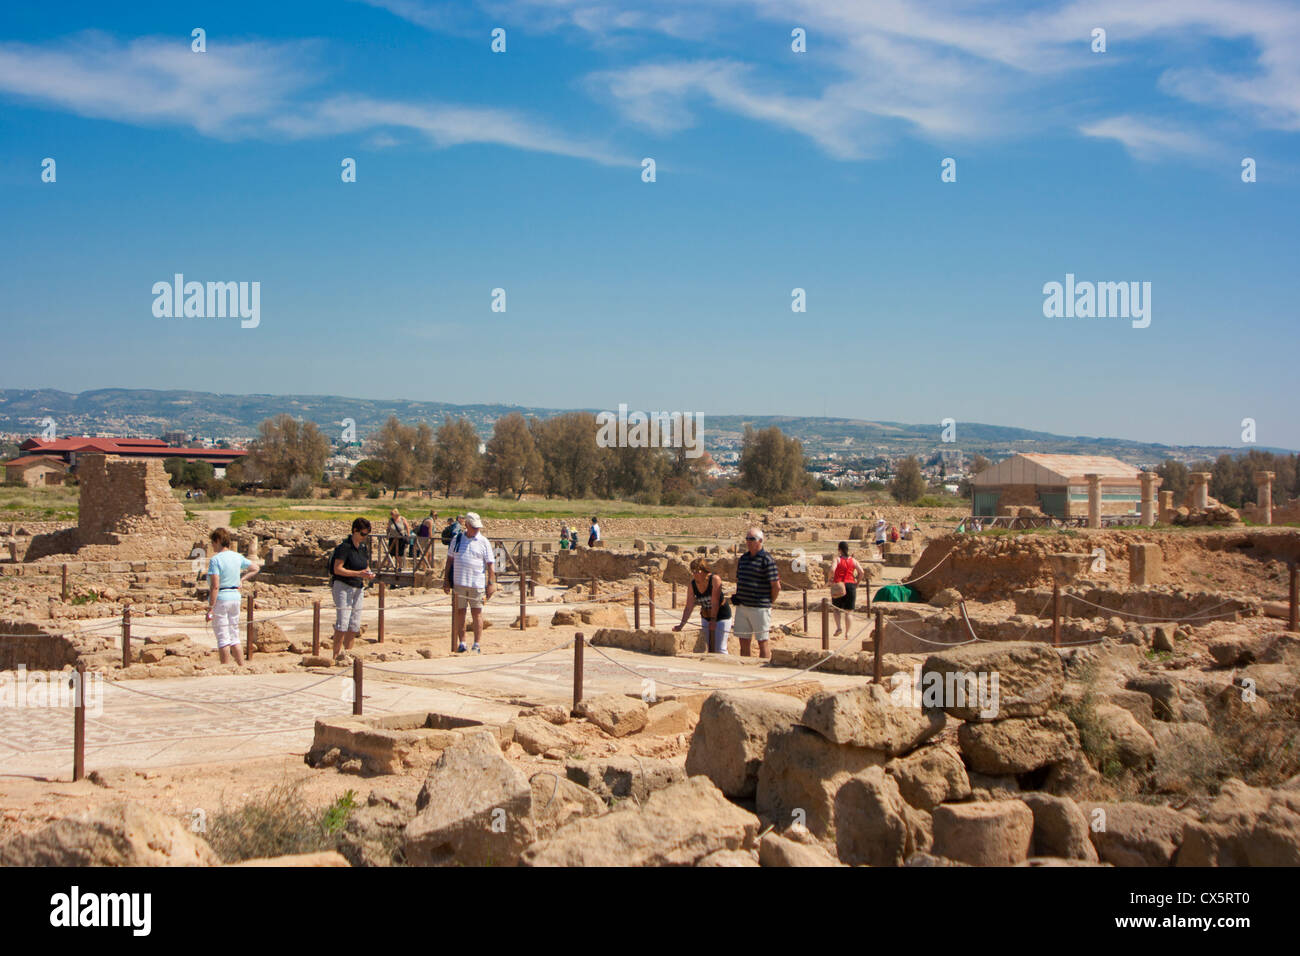 Sightseers at Roan ruins, Paphos, Cyprus - Stock Image